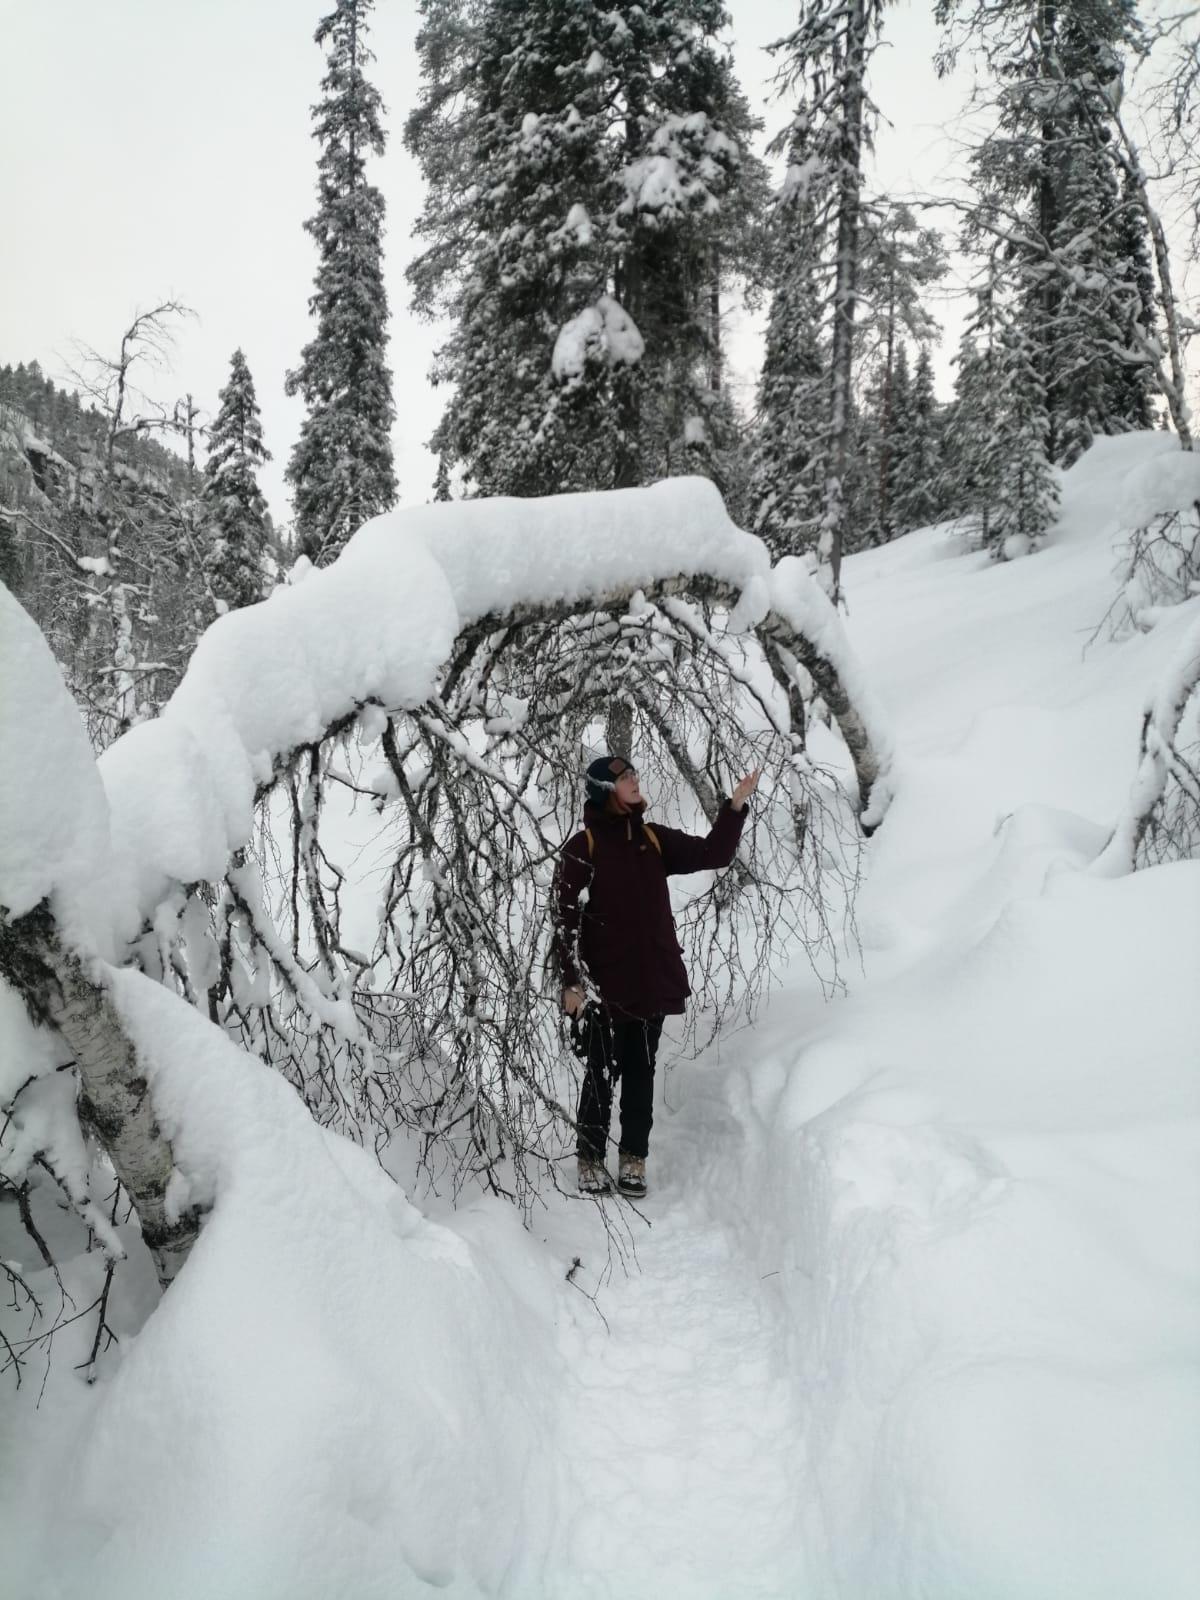 Du solltest in Lappland studieren, wenn…